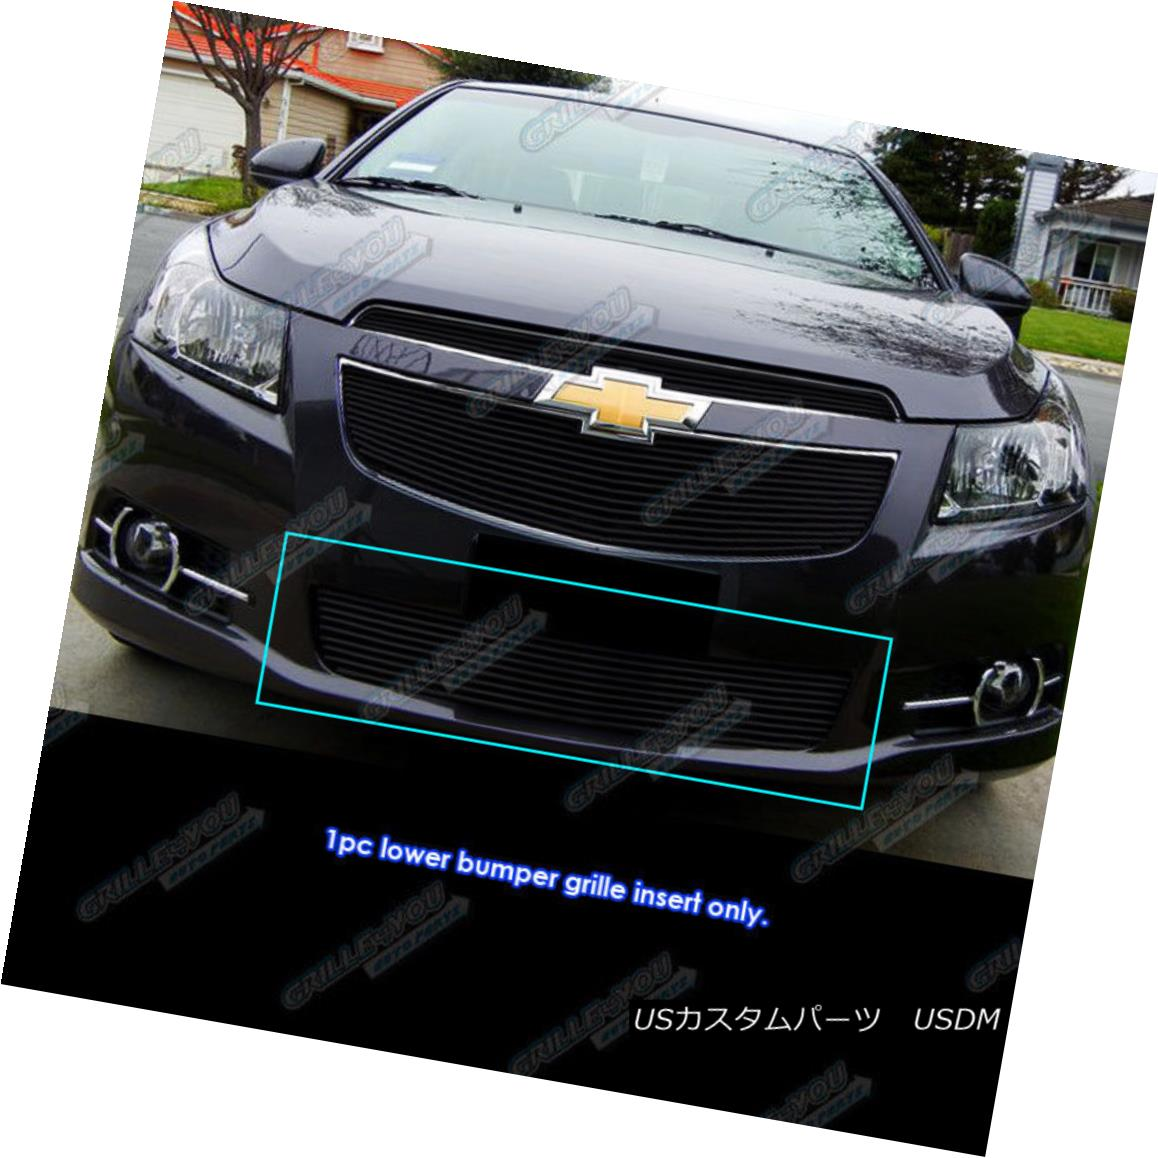 グリル For 2011-2014 Chevy Cruze LT/LTZ RS package Bumper Black Billet Grille Grill 2011-2014シボレークルーズLT / LTZ RSパッケージ用バンパーブラックビレットグリルグリル